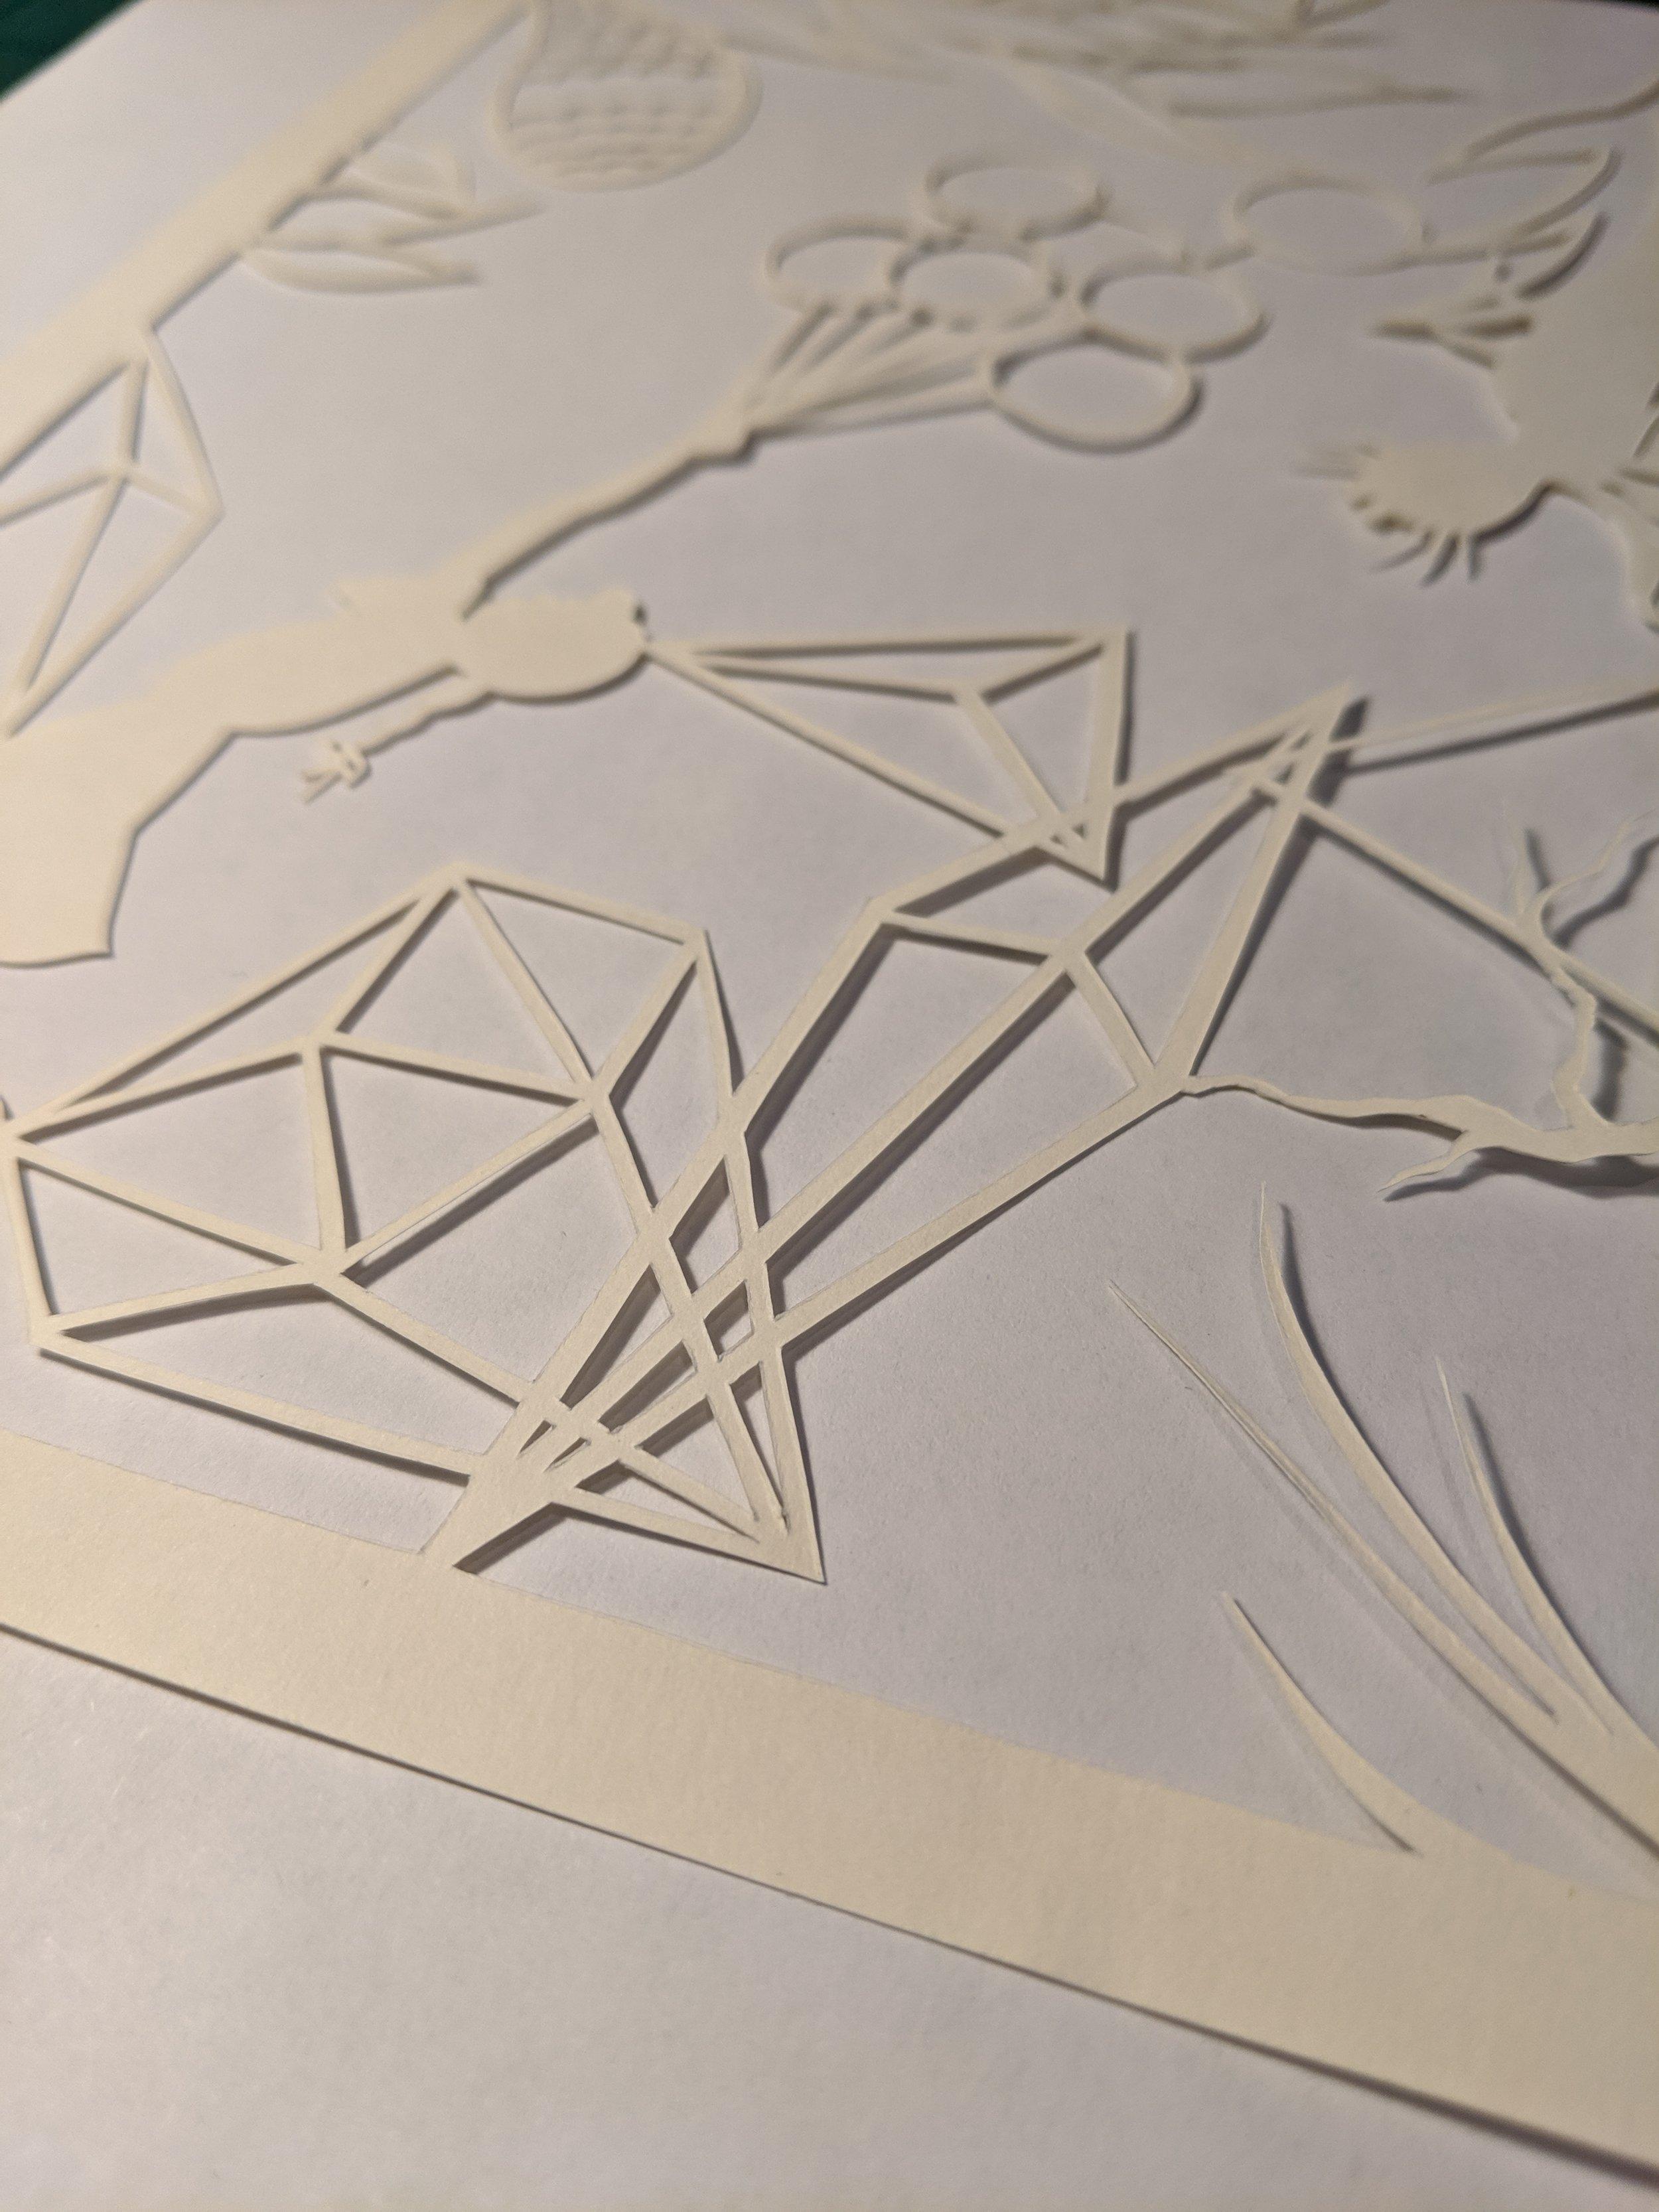 Antarctica Black,  Idiogenic nature (part I),  2019, hand-cut paper, 16 x 20 inches